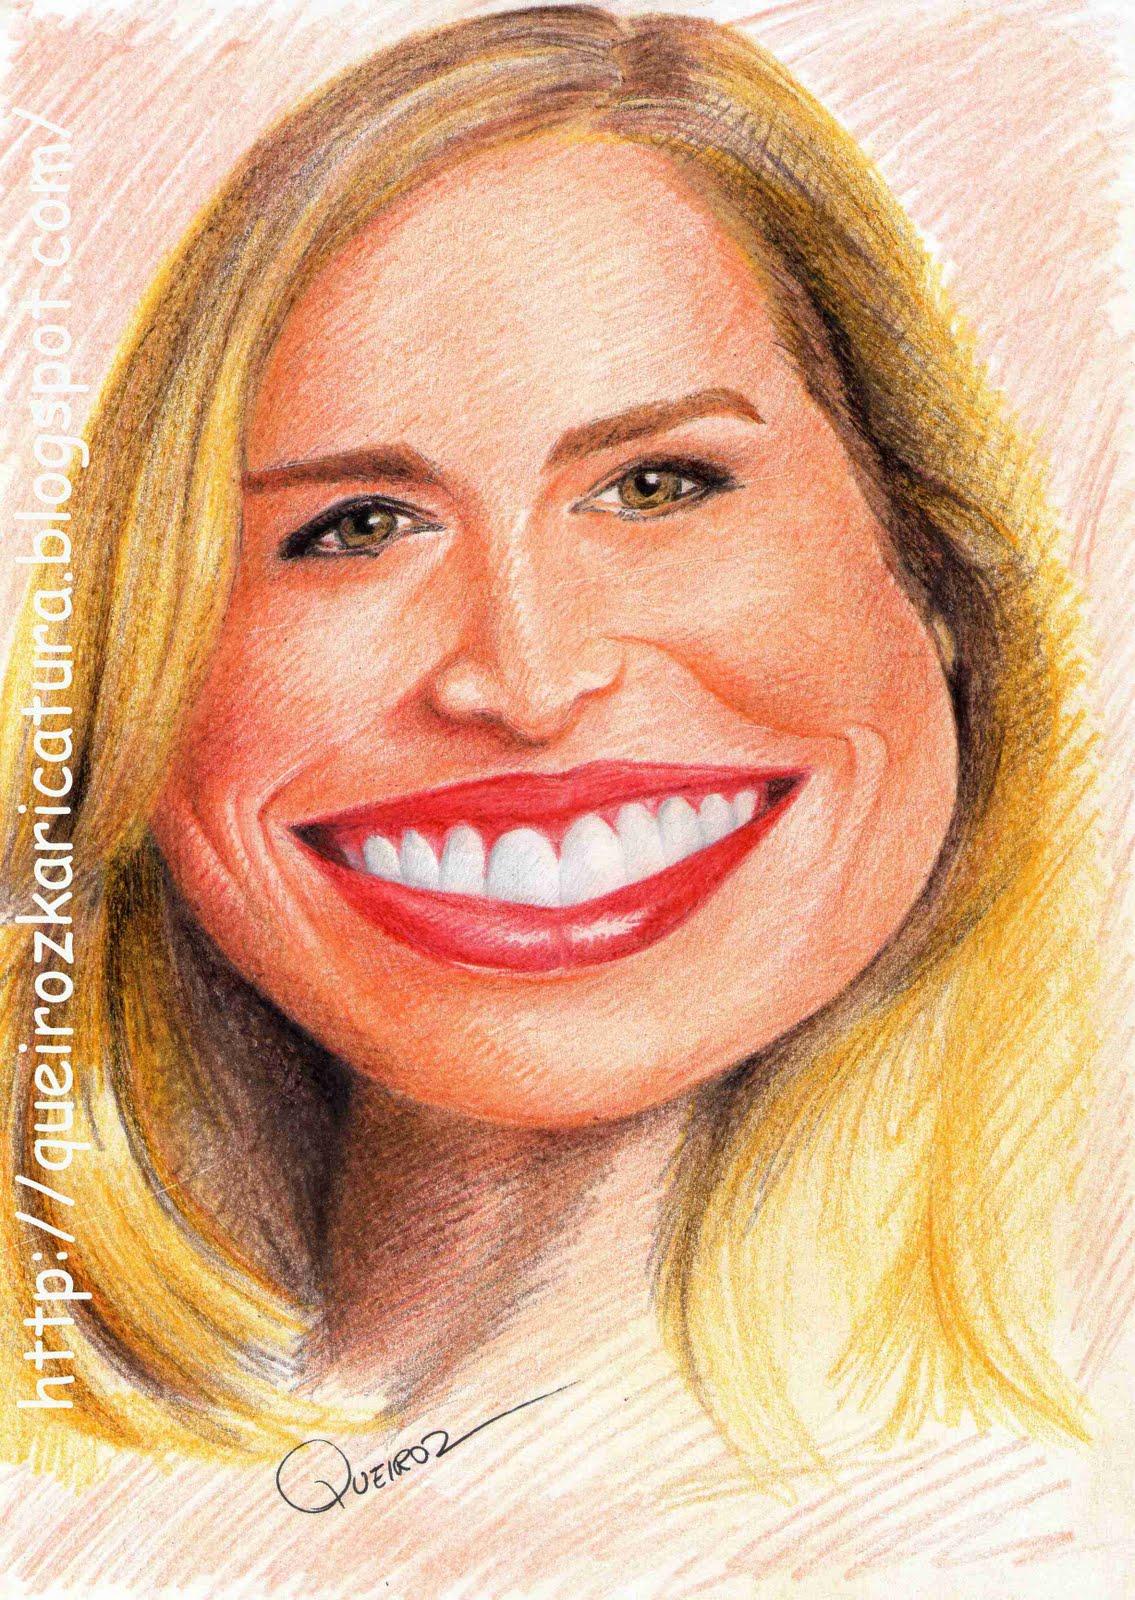 http://3.bp.blogspot.com/_eXQneJl2DgA/TGay3EJ2xsI/AAAAAAAAAUU/m6rg3BIU1Uo/s1600/Angelica-Queiroz-Caricatura-.jpg